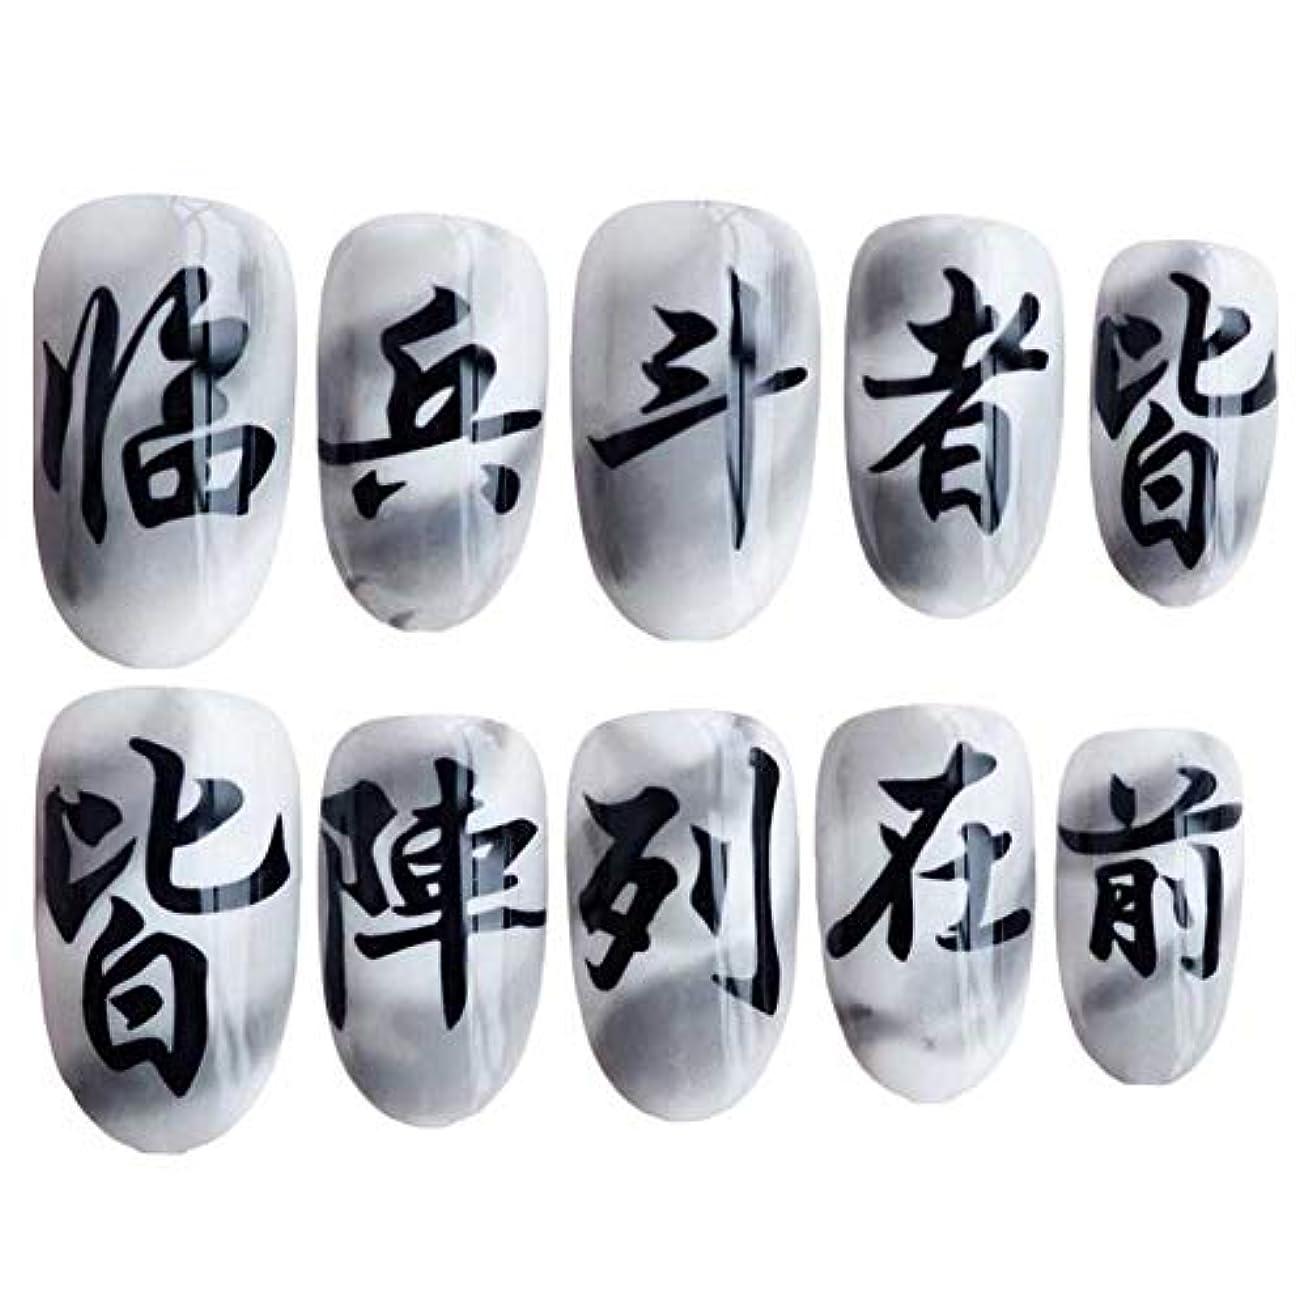 こだわり累積ペア中国語文字灰色/白い偽爪爪人工爪装飾爪のヒント